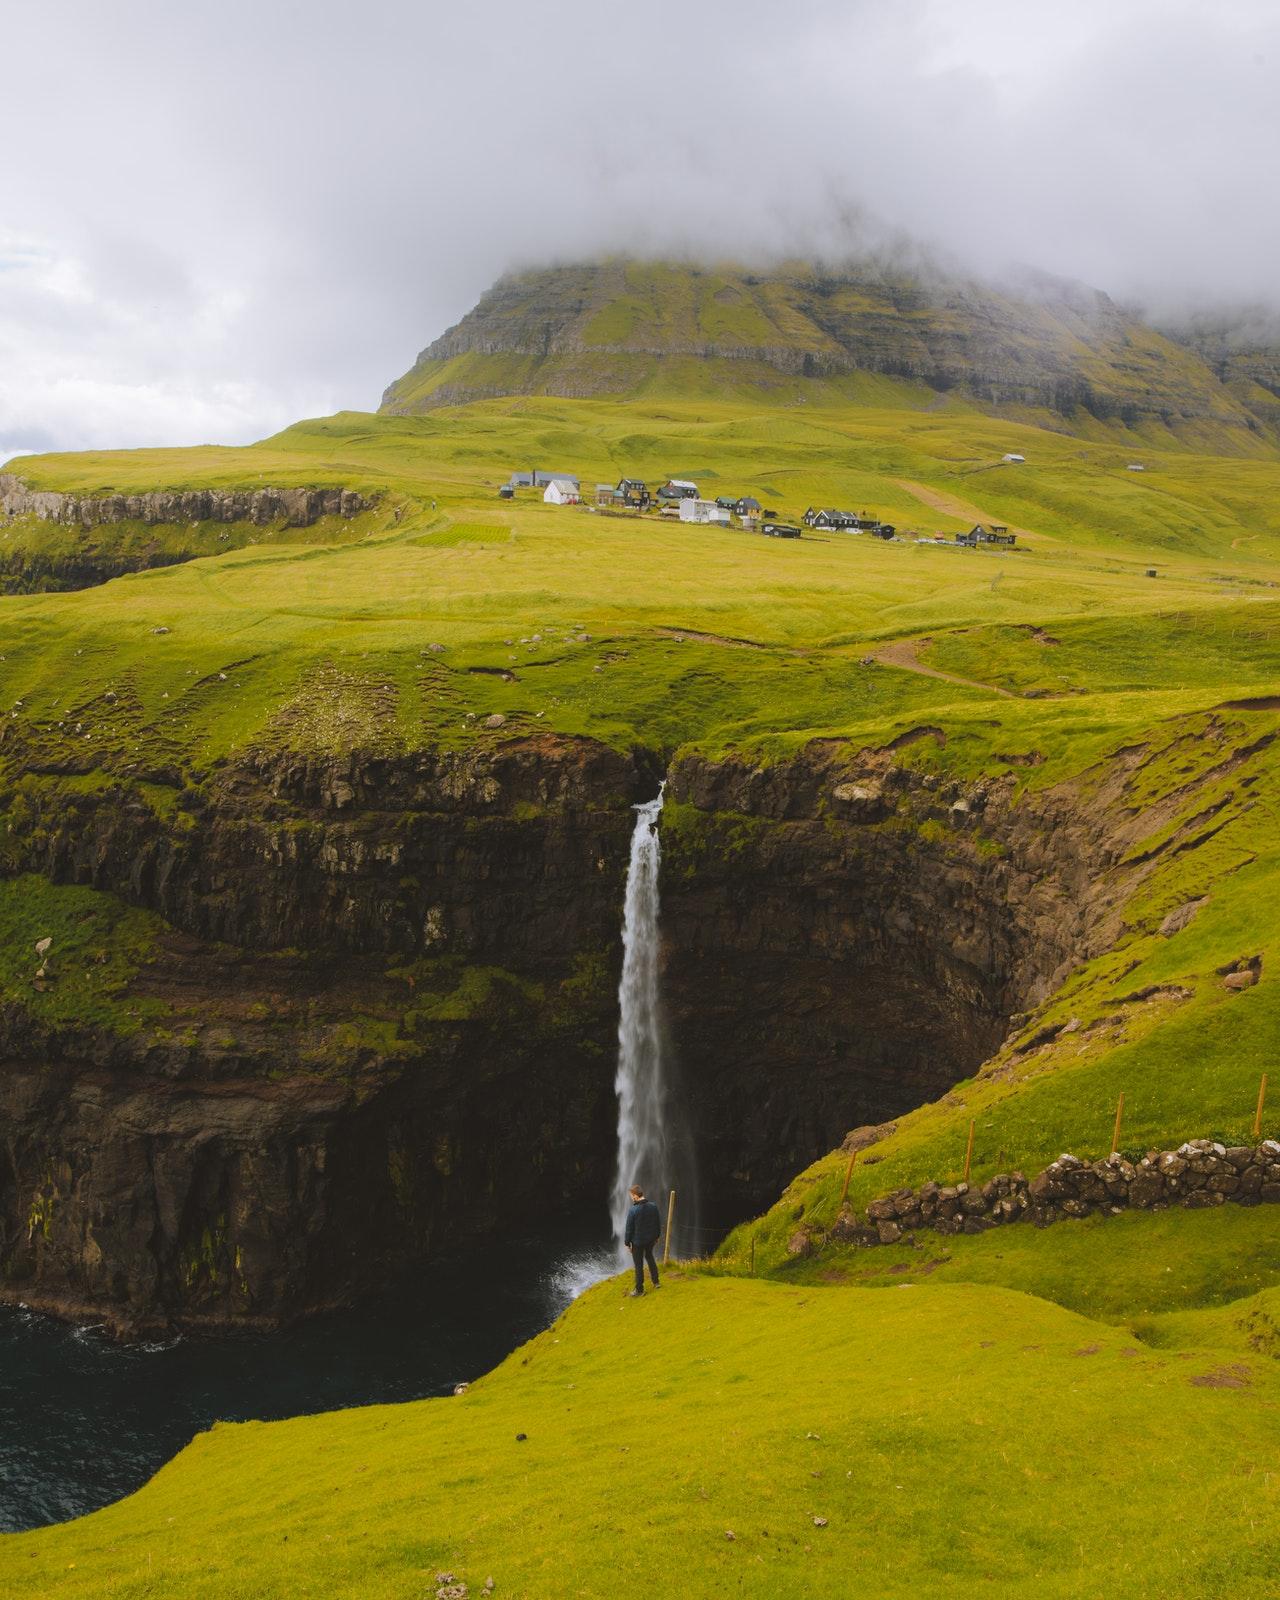 Oplev naturen på din rejse